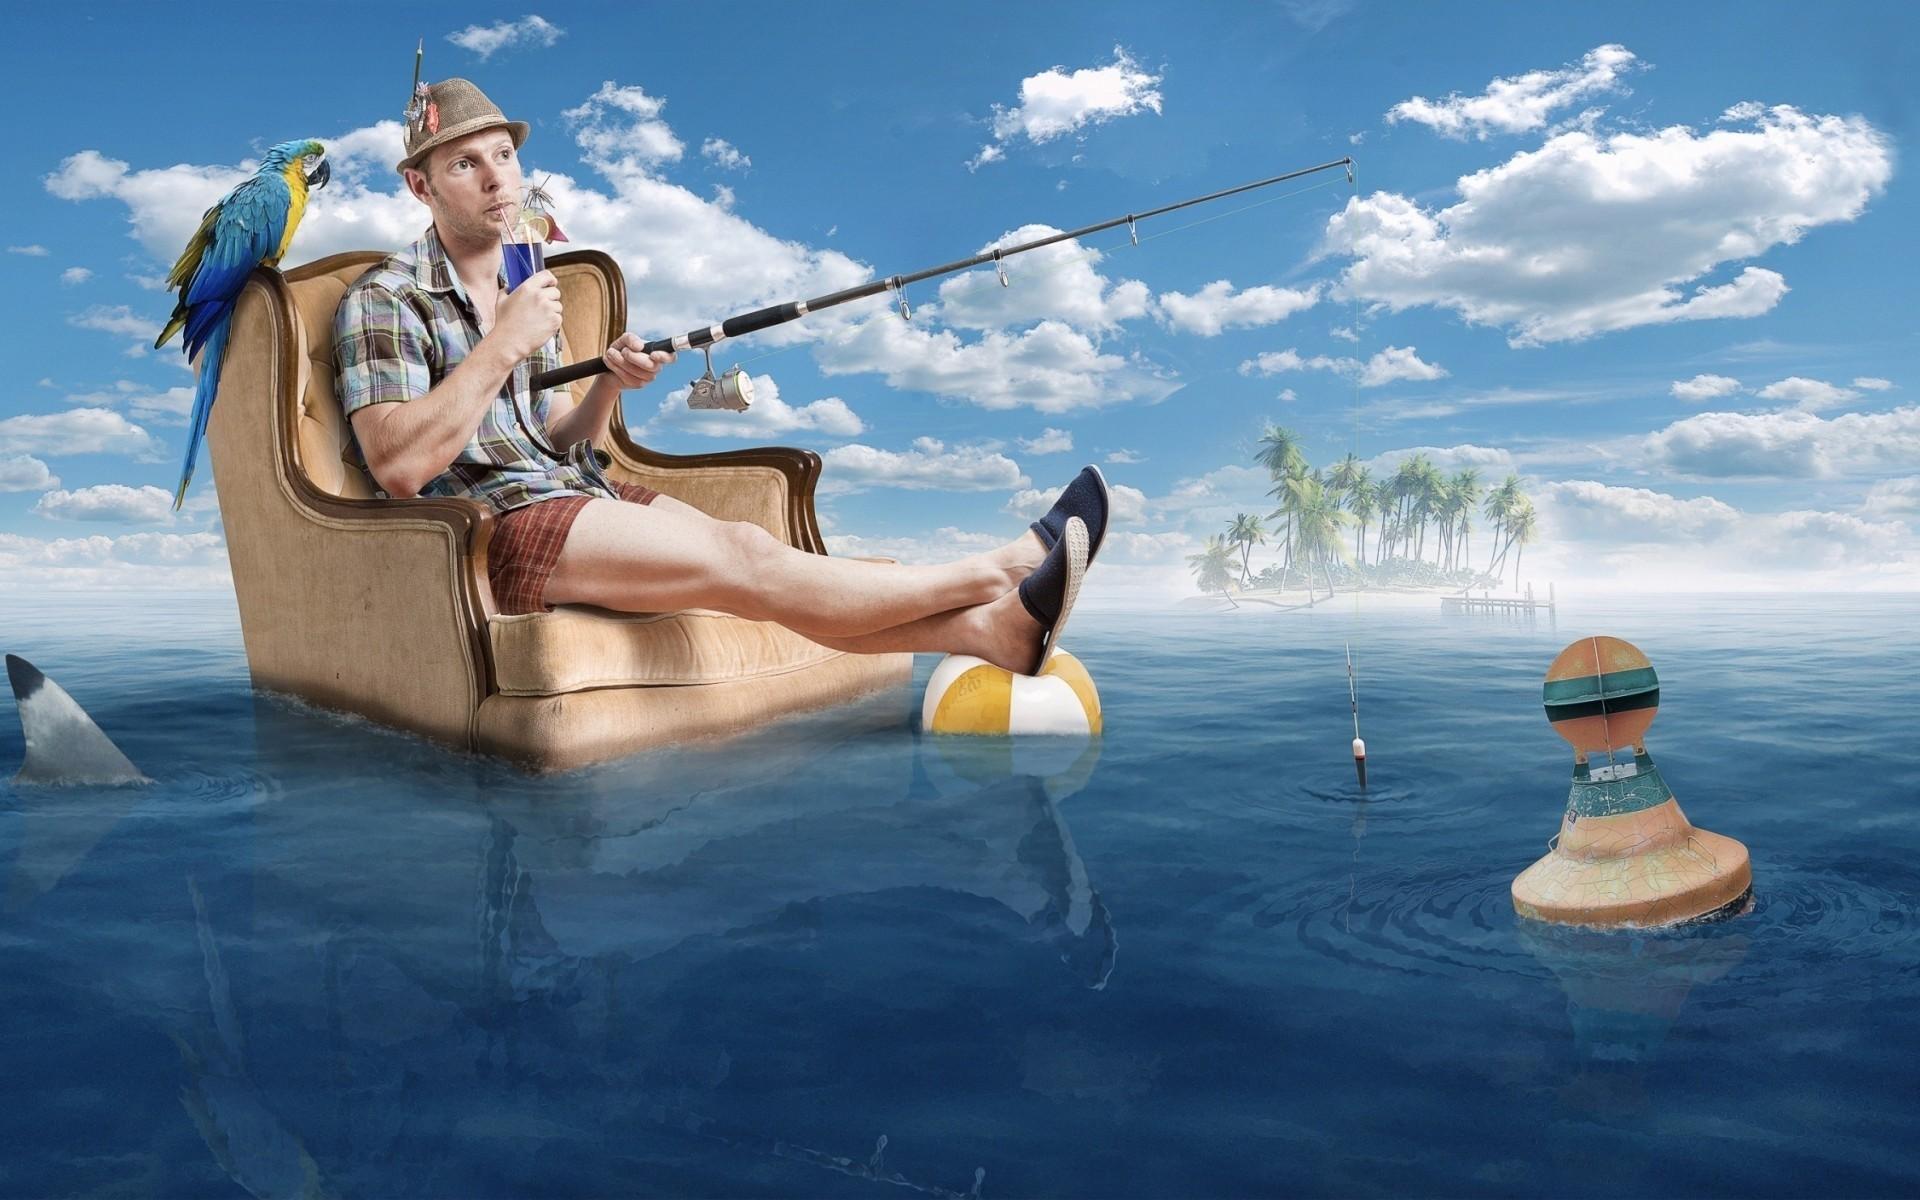 Смешные картинки про полет в отпуск